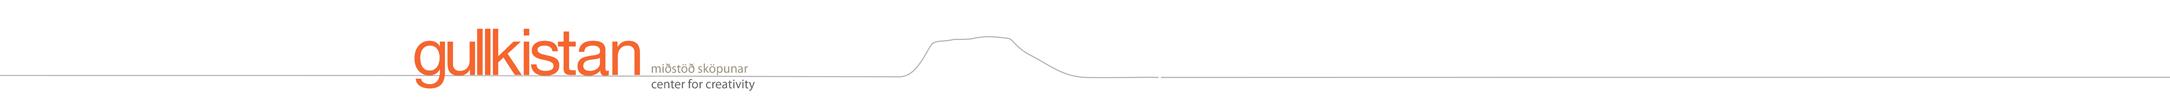 Gullkistan